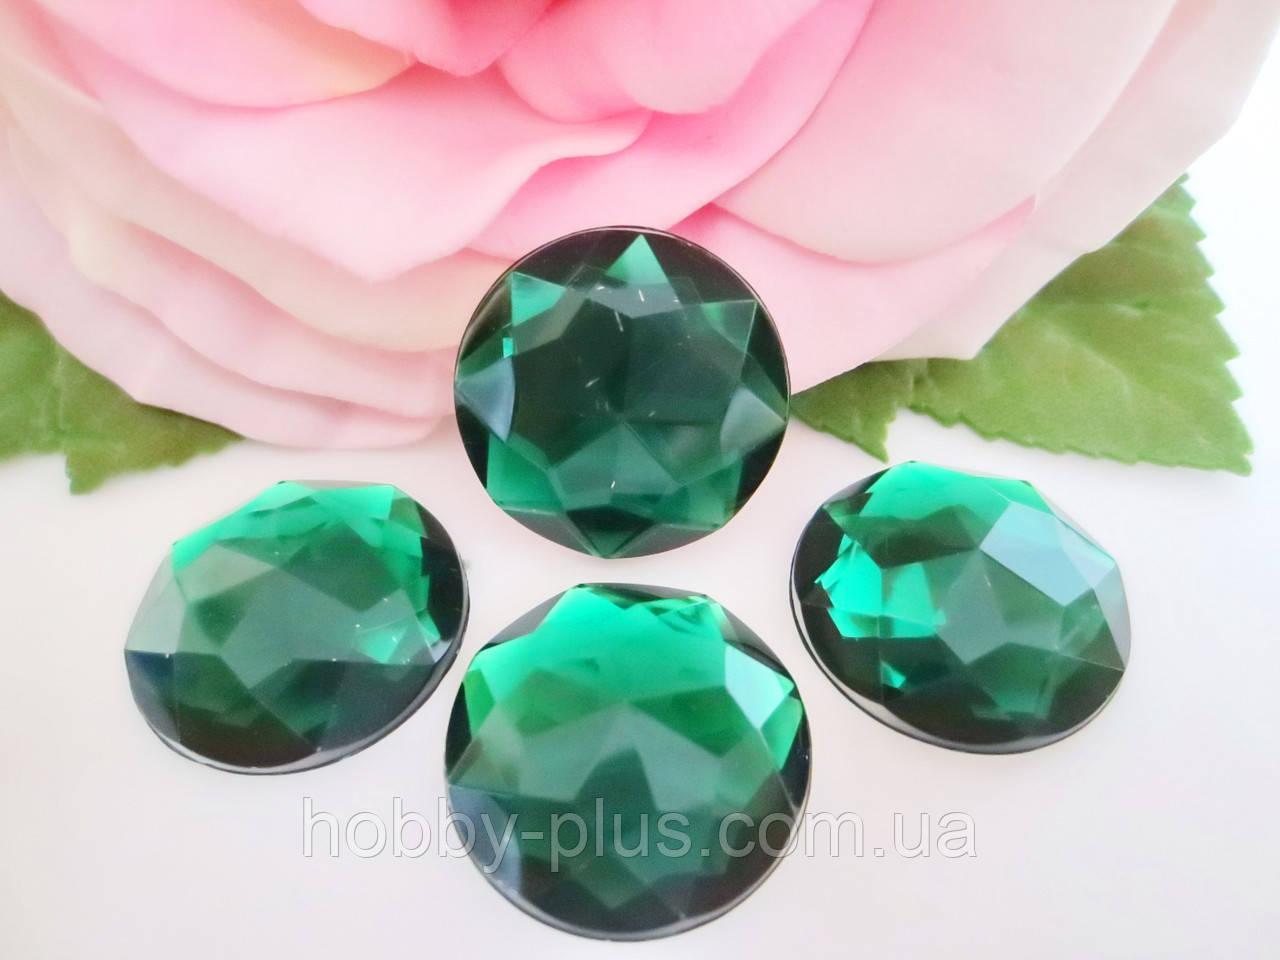 Камень клеевой круглой формы, d 20 мм, цвет зеленый, 1 шт